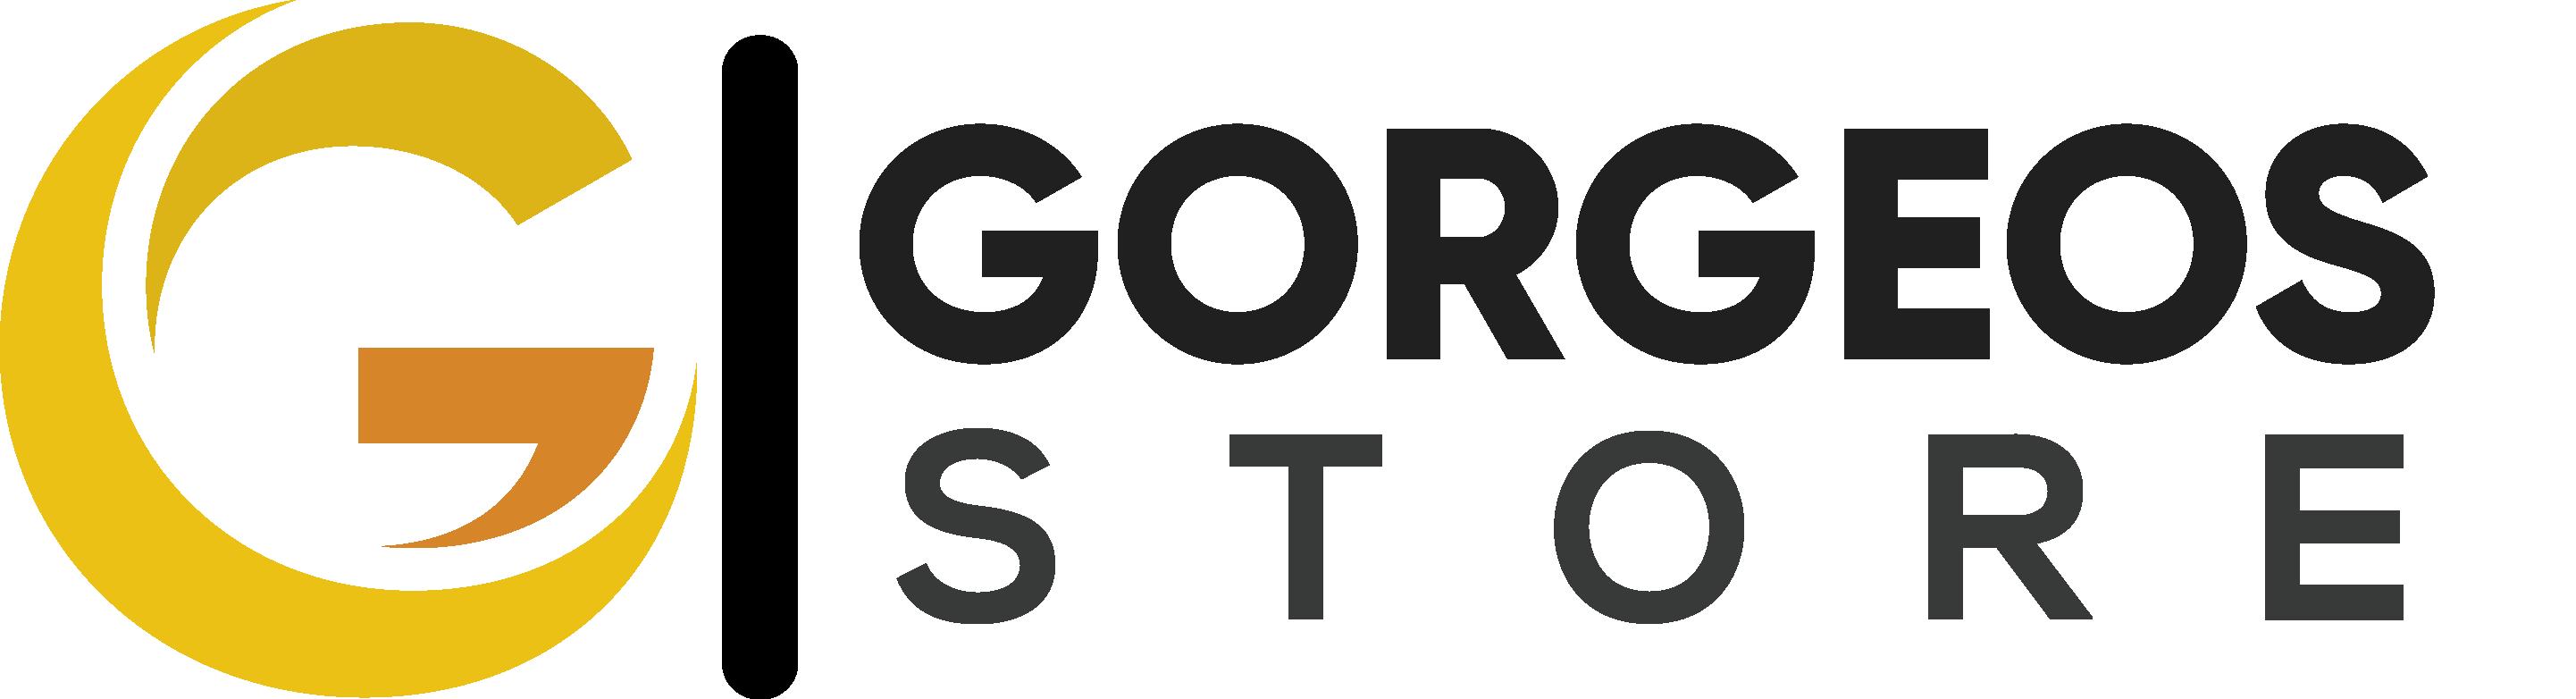 GORGEOS STORE